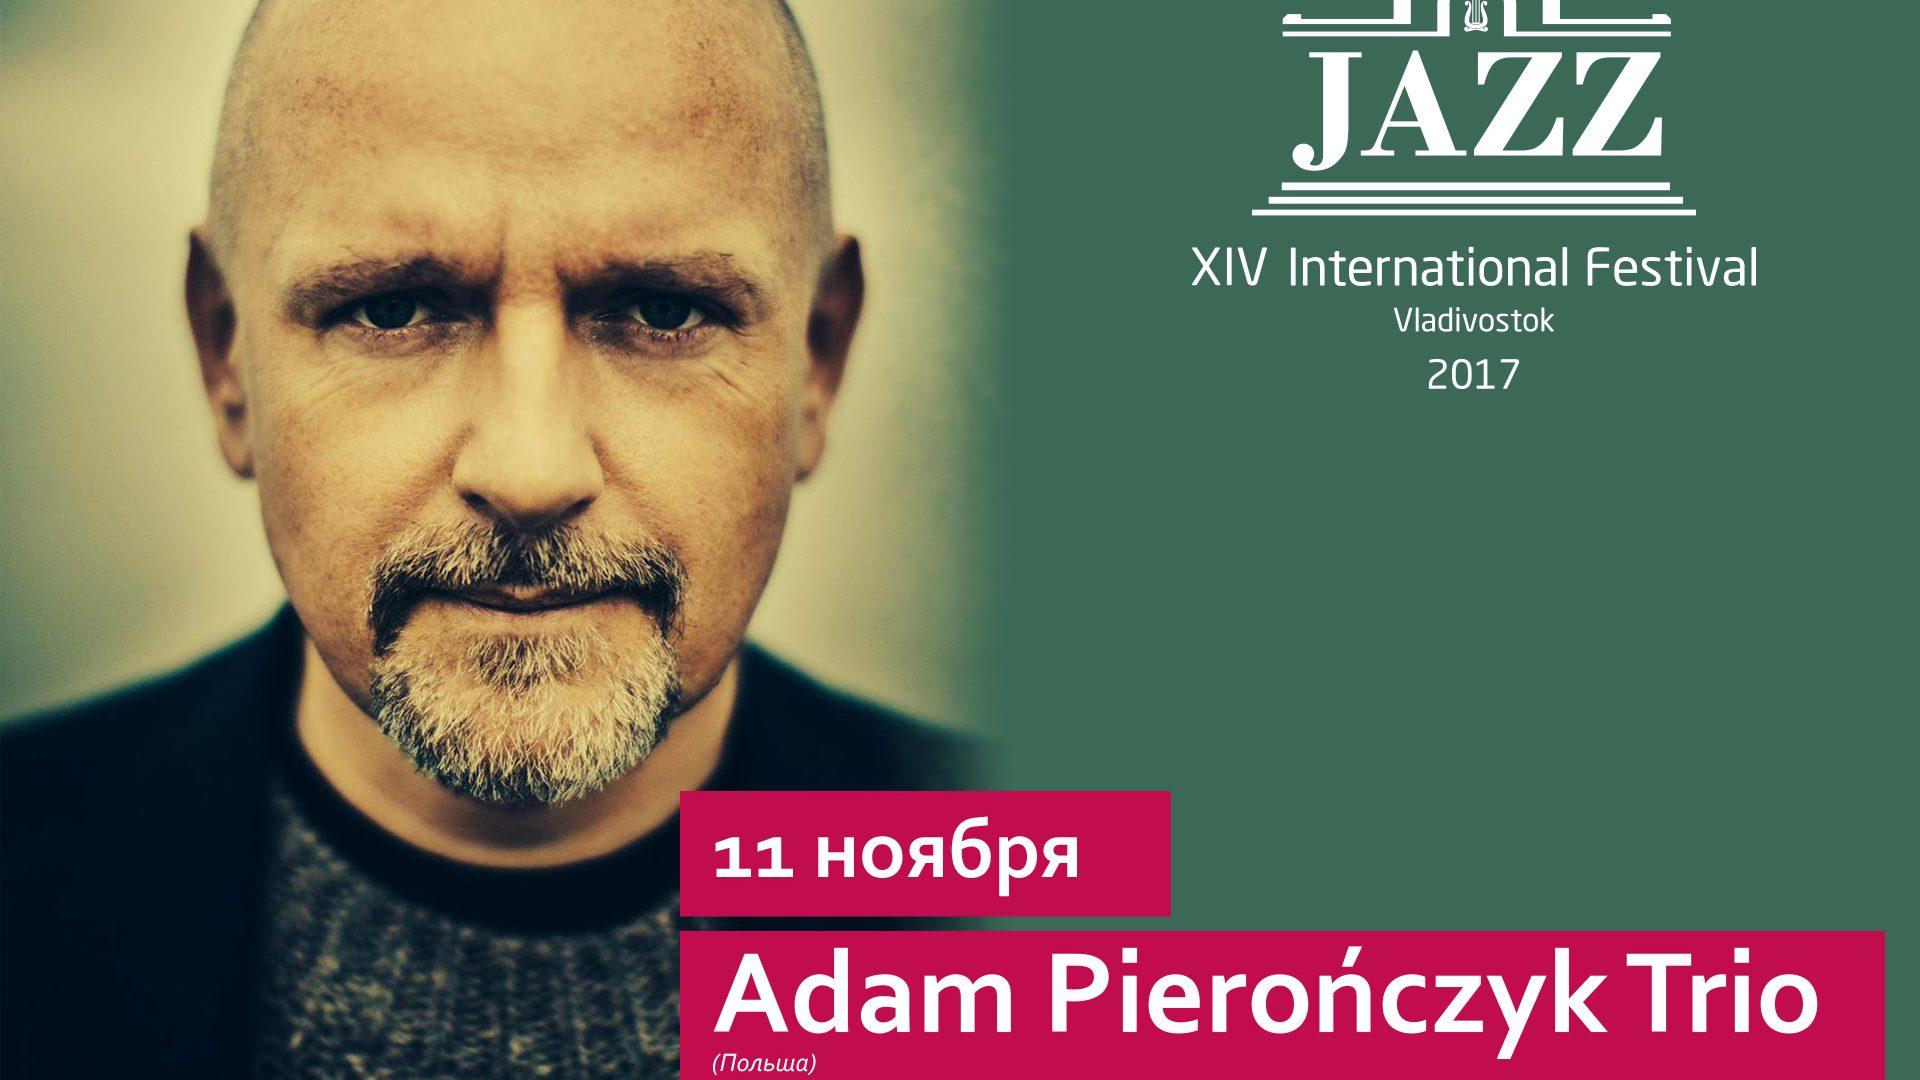 11 ноября / Большой зал / 19:00  Adam Pierończyk Trio (Польша)